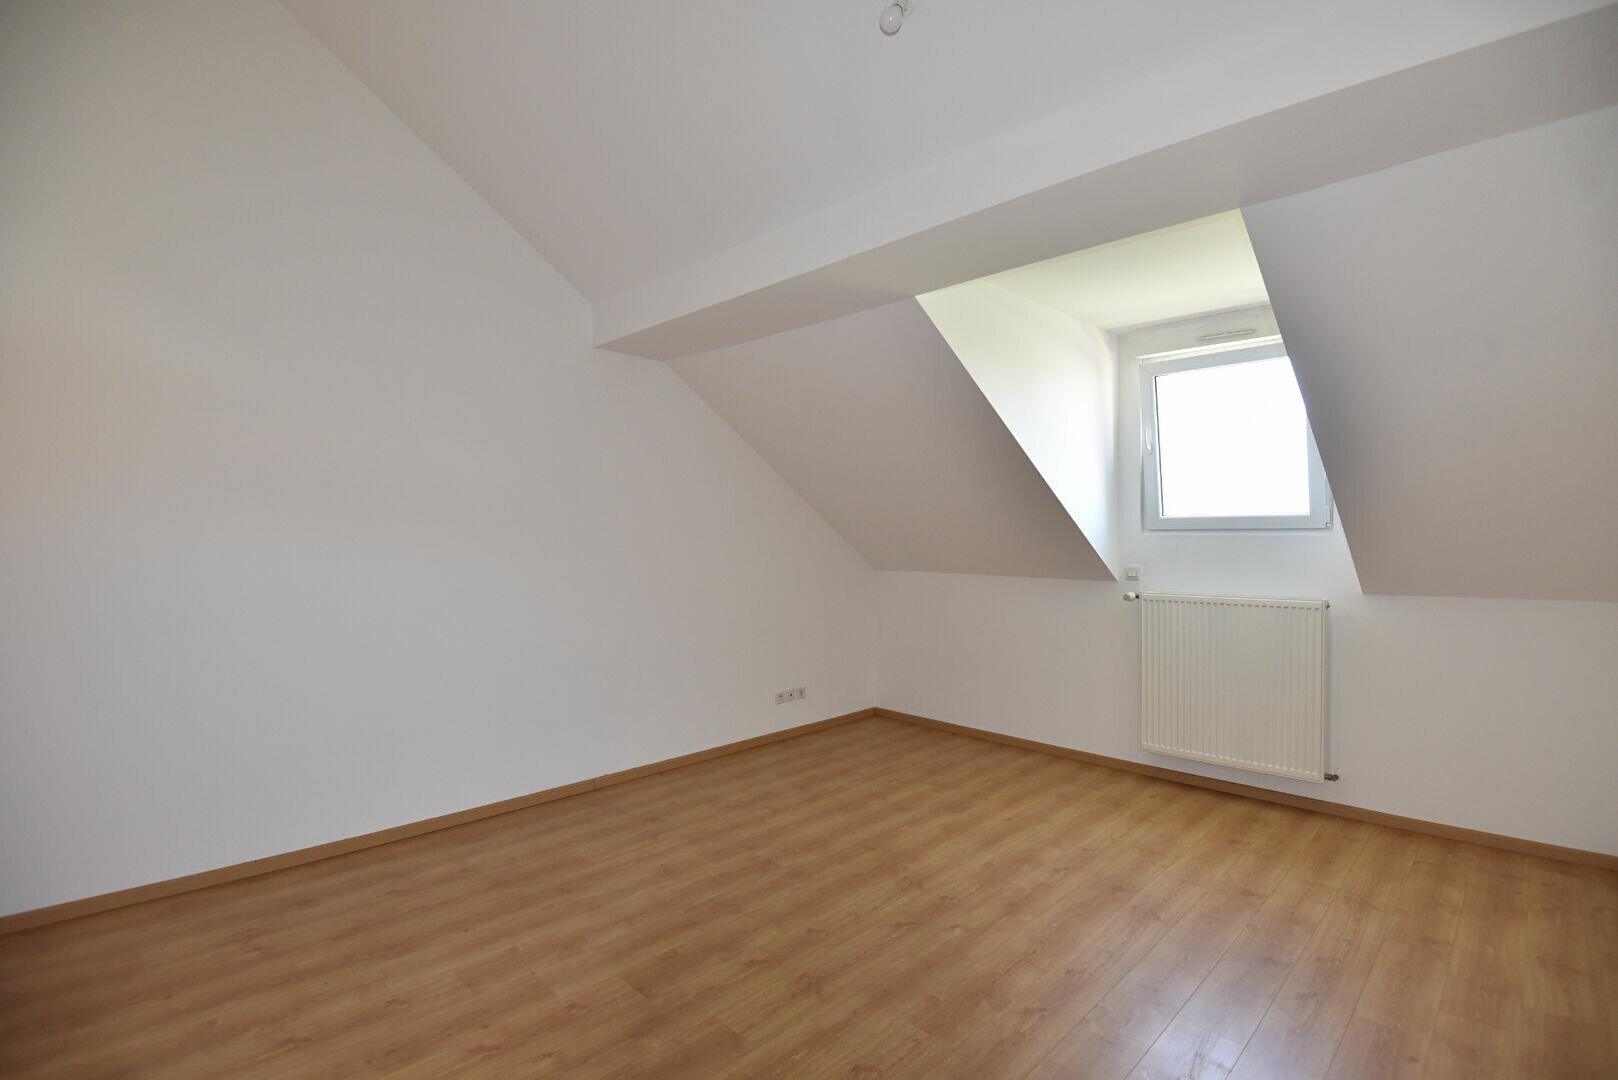 Appartement à louer 3 78.66m2 à Maizières-lès-Metz vignette-6